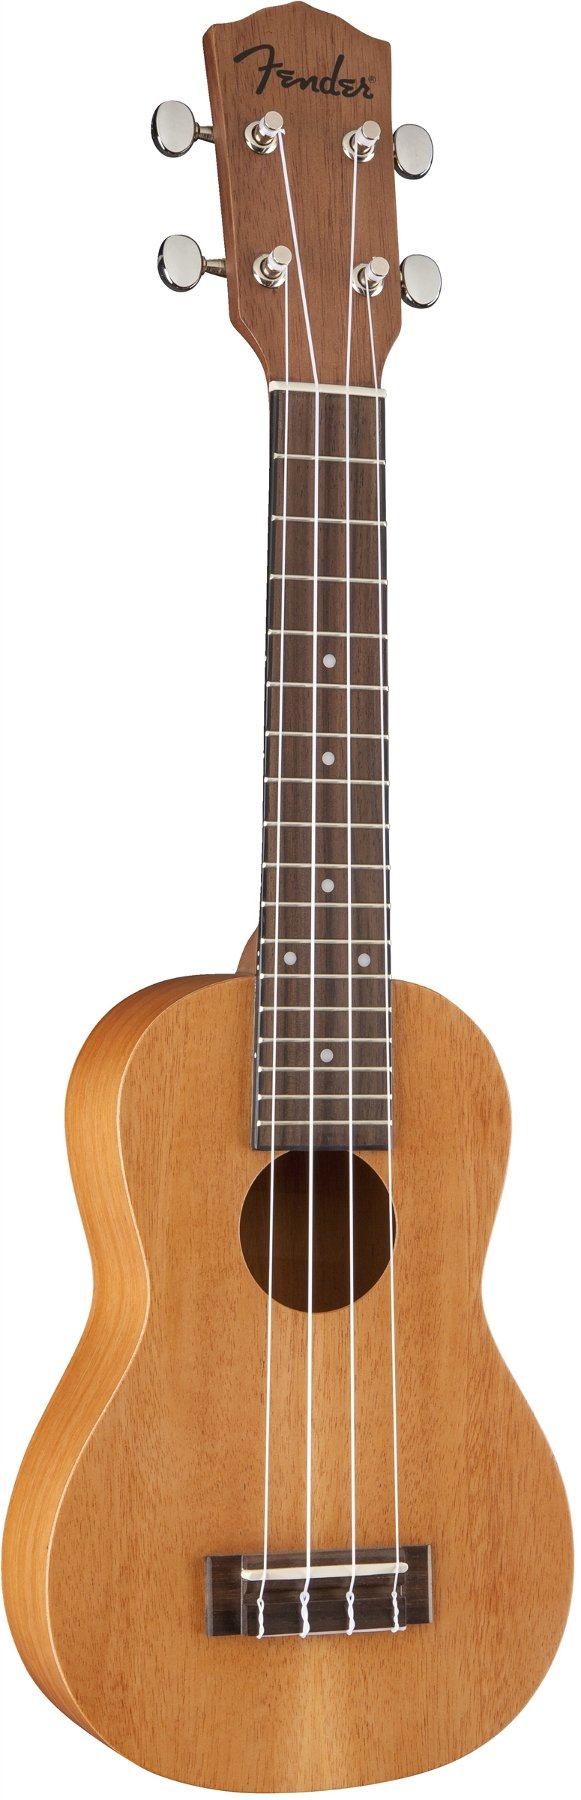 """Small Soprano-Style Ukulele, 13.6"""" Scale Length"""